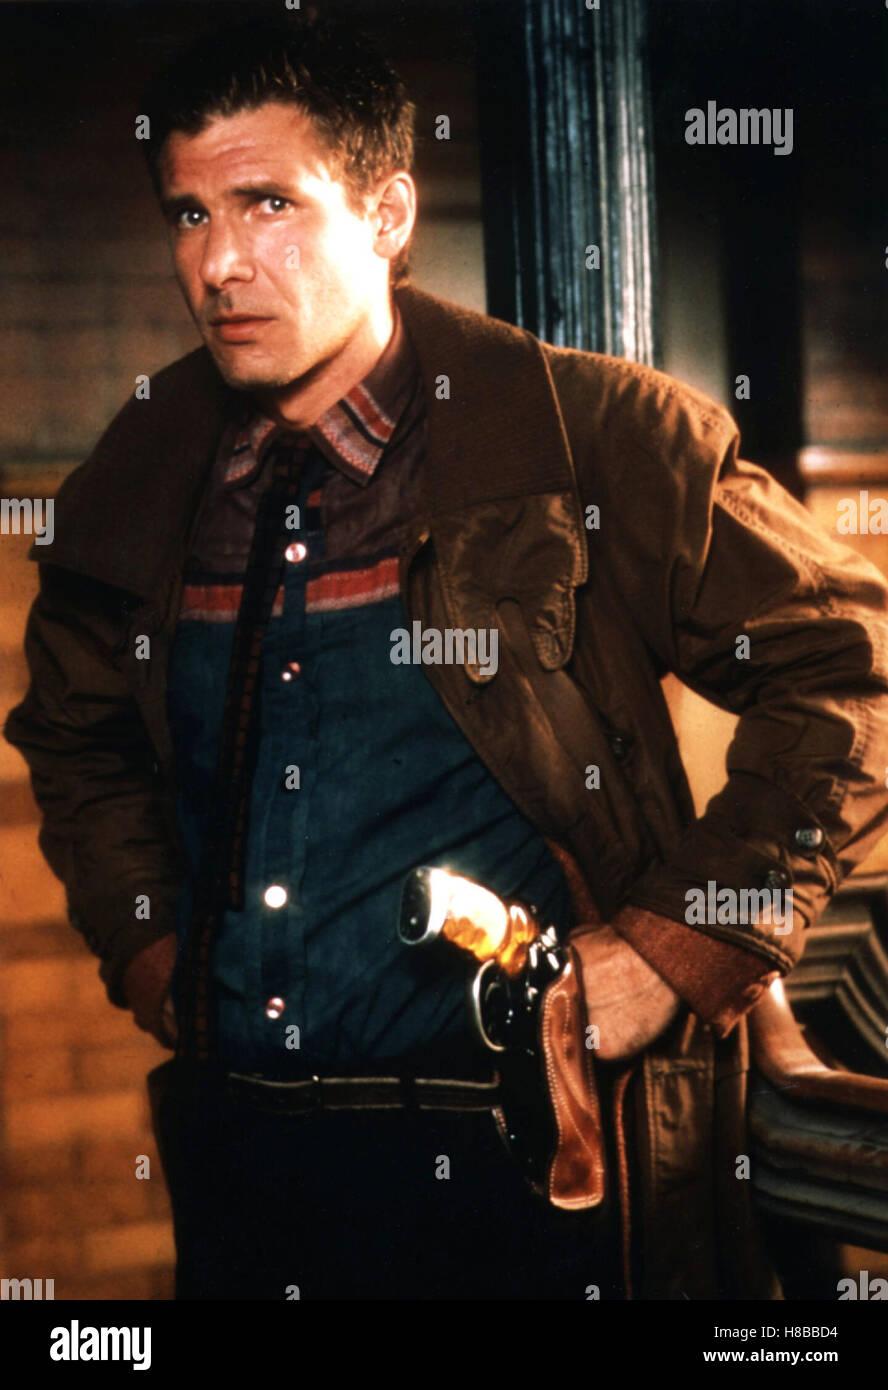 Blade Runner, (BLADE RUNNER) USA 1982, Regie: Ridley Scott, HARRISON FORD, Key: Colt, Waffe, Revolver, Holster - Stock Image